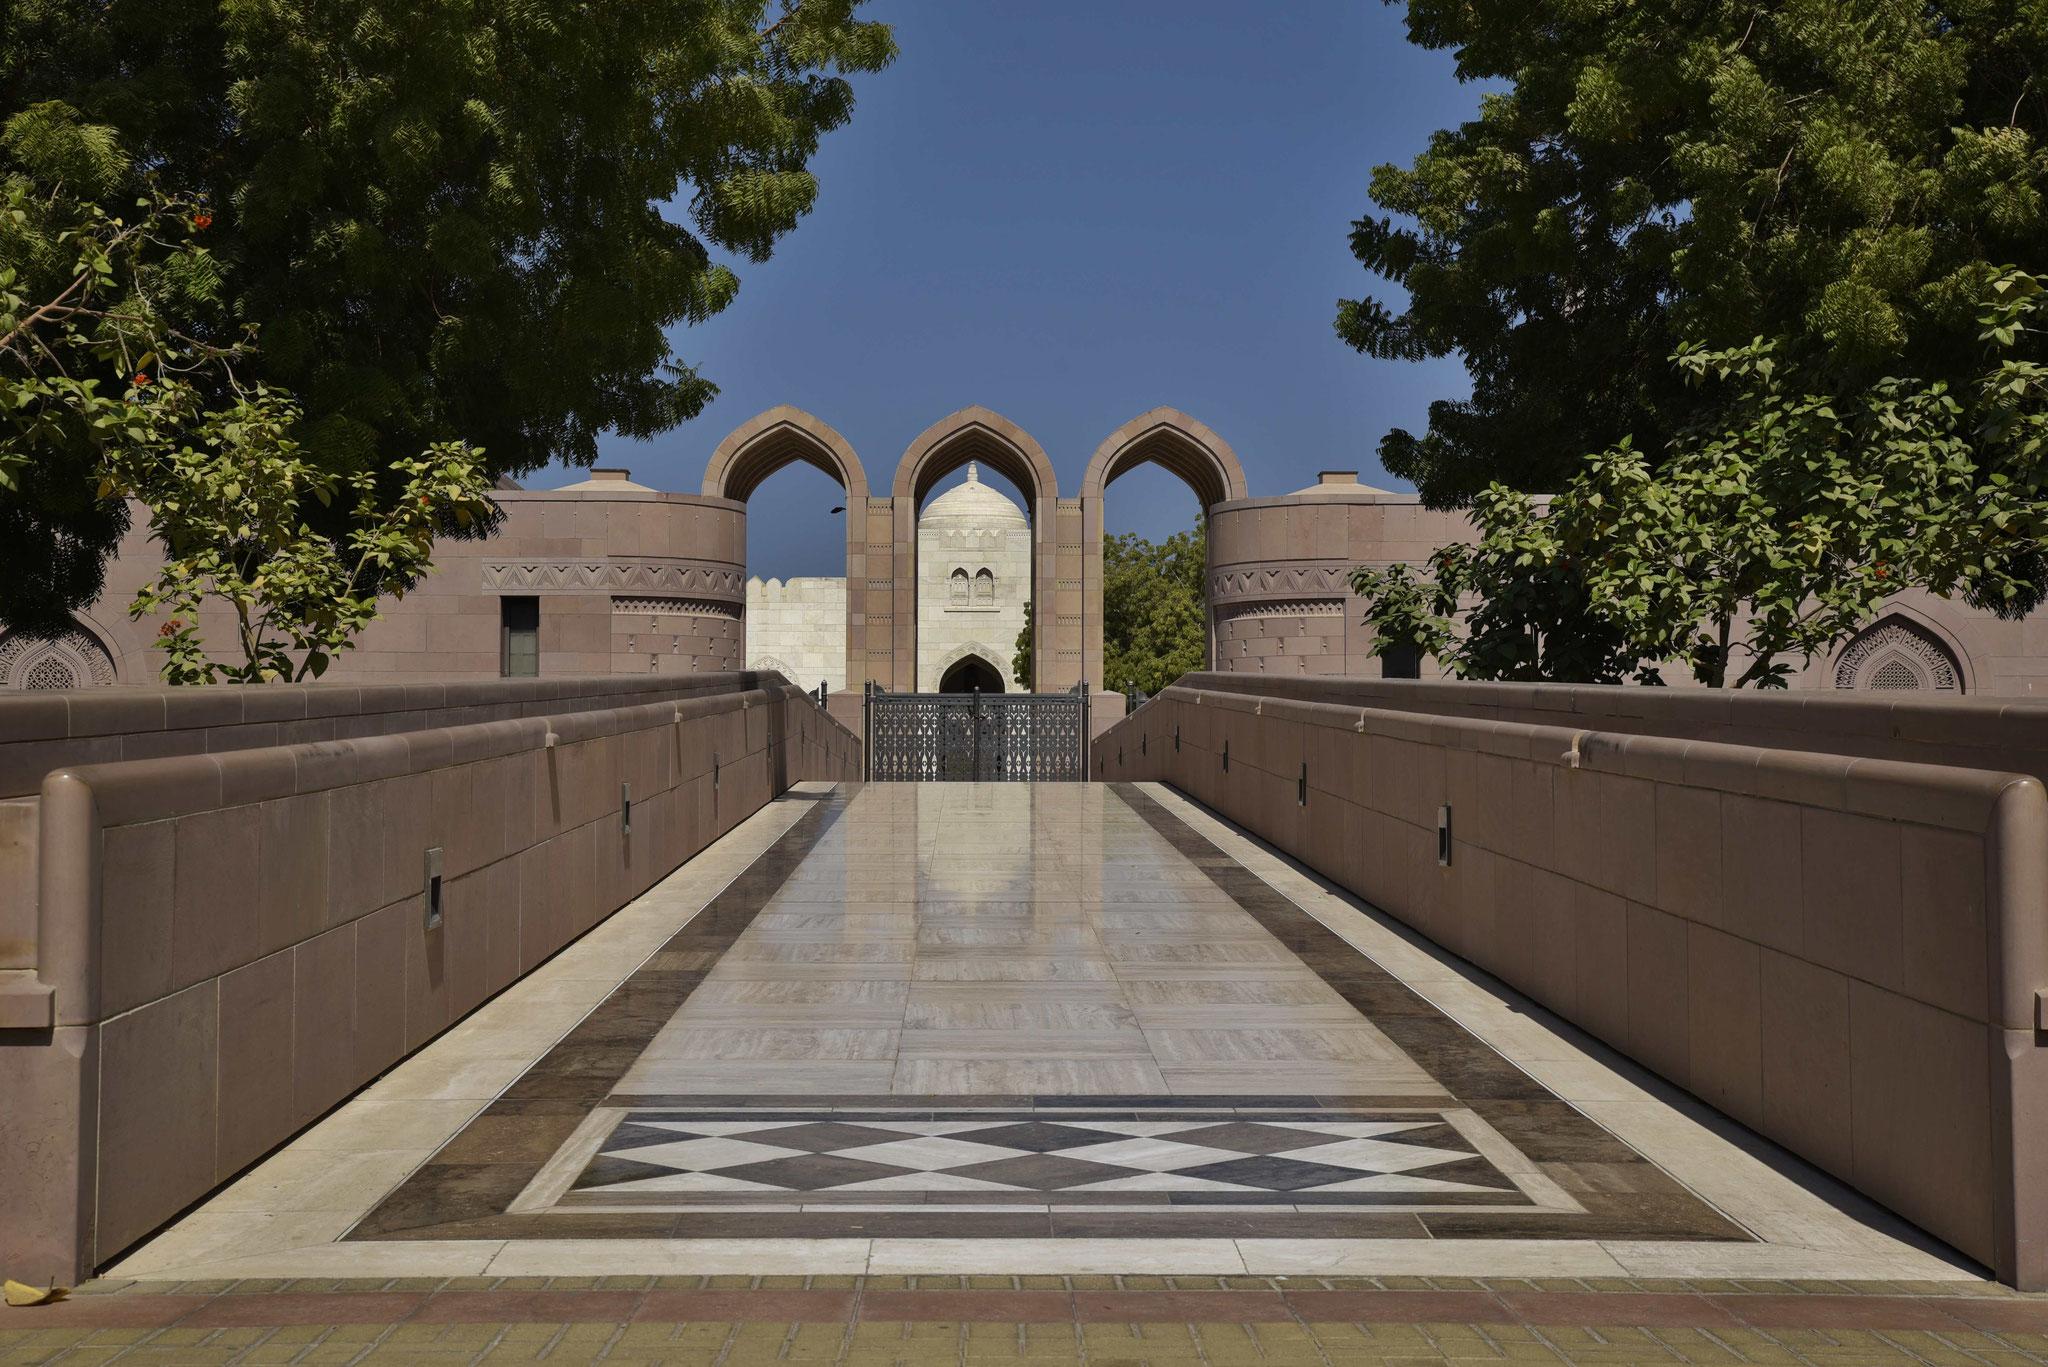 Eingang für Musliminnen